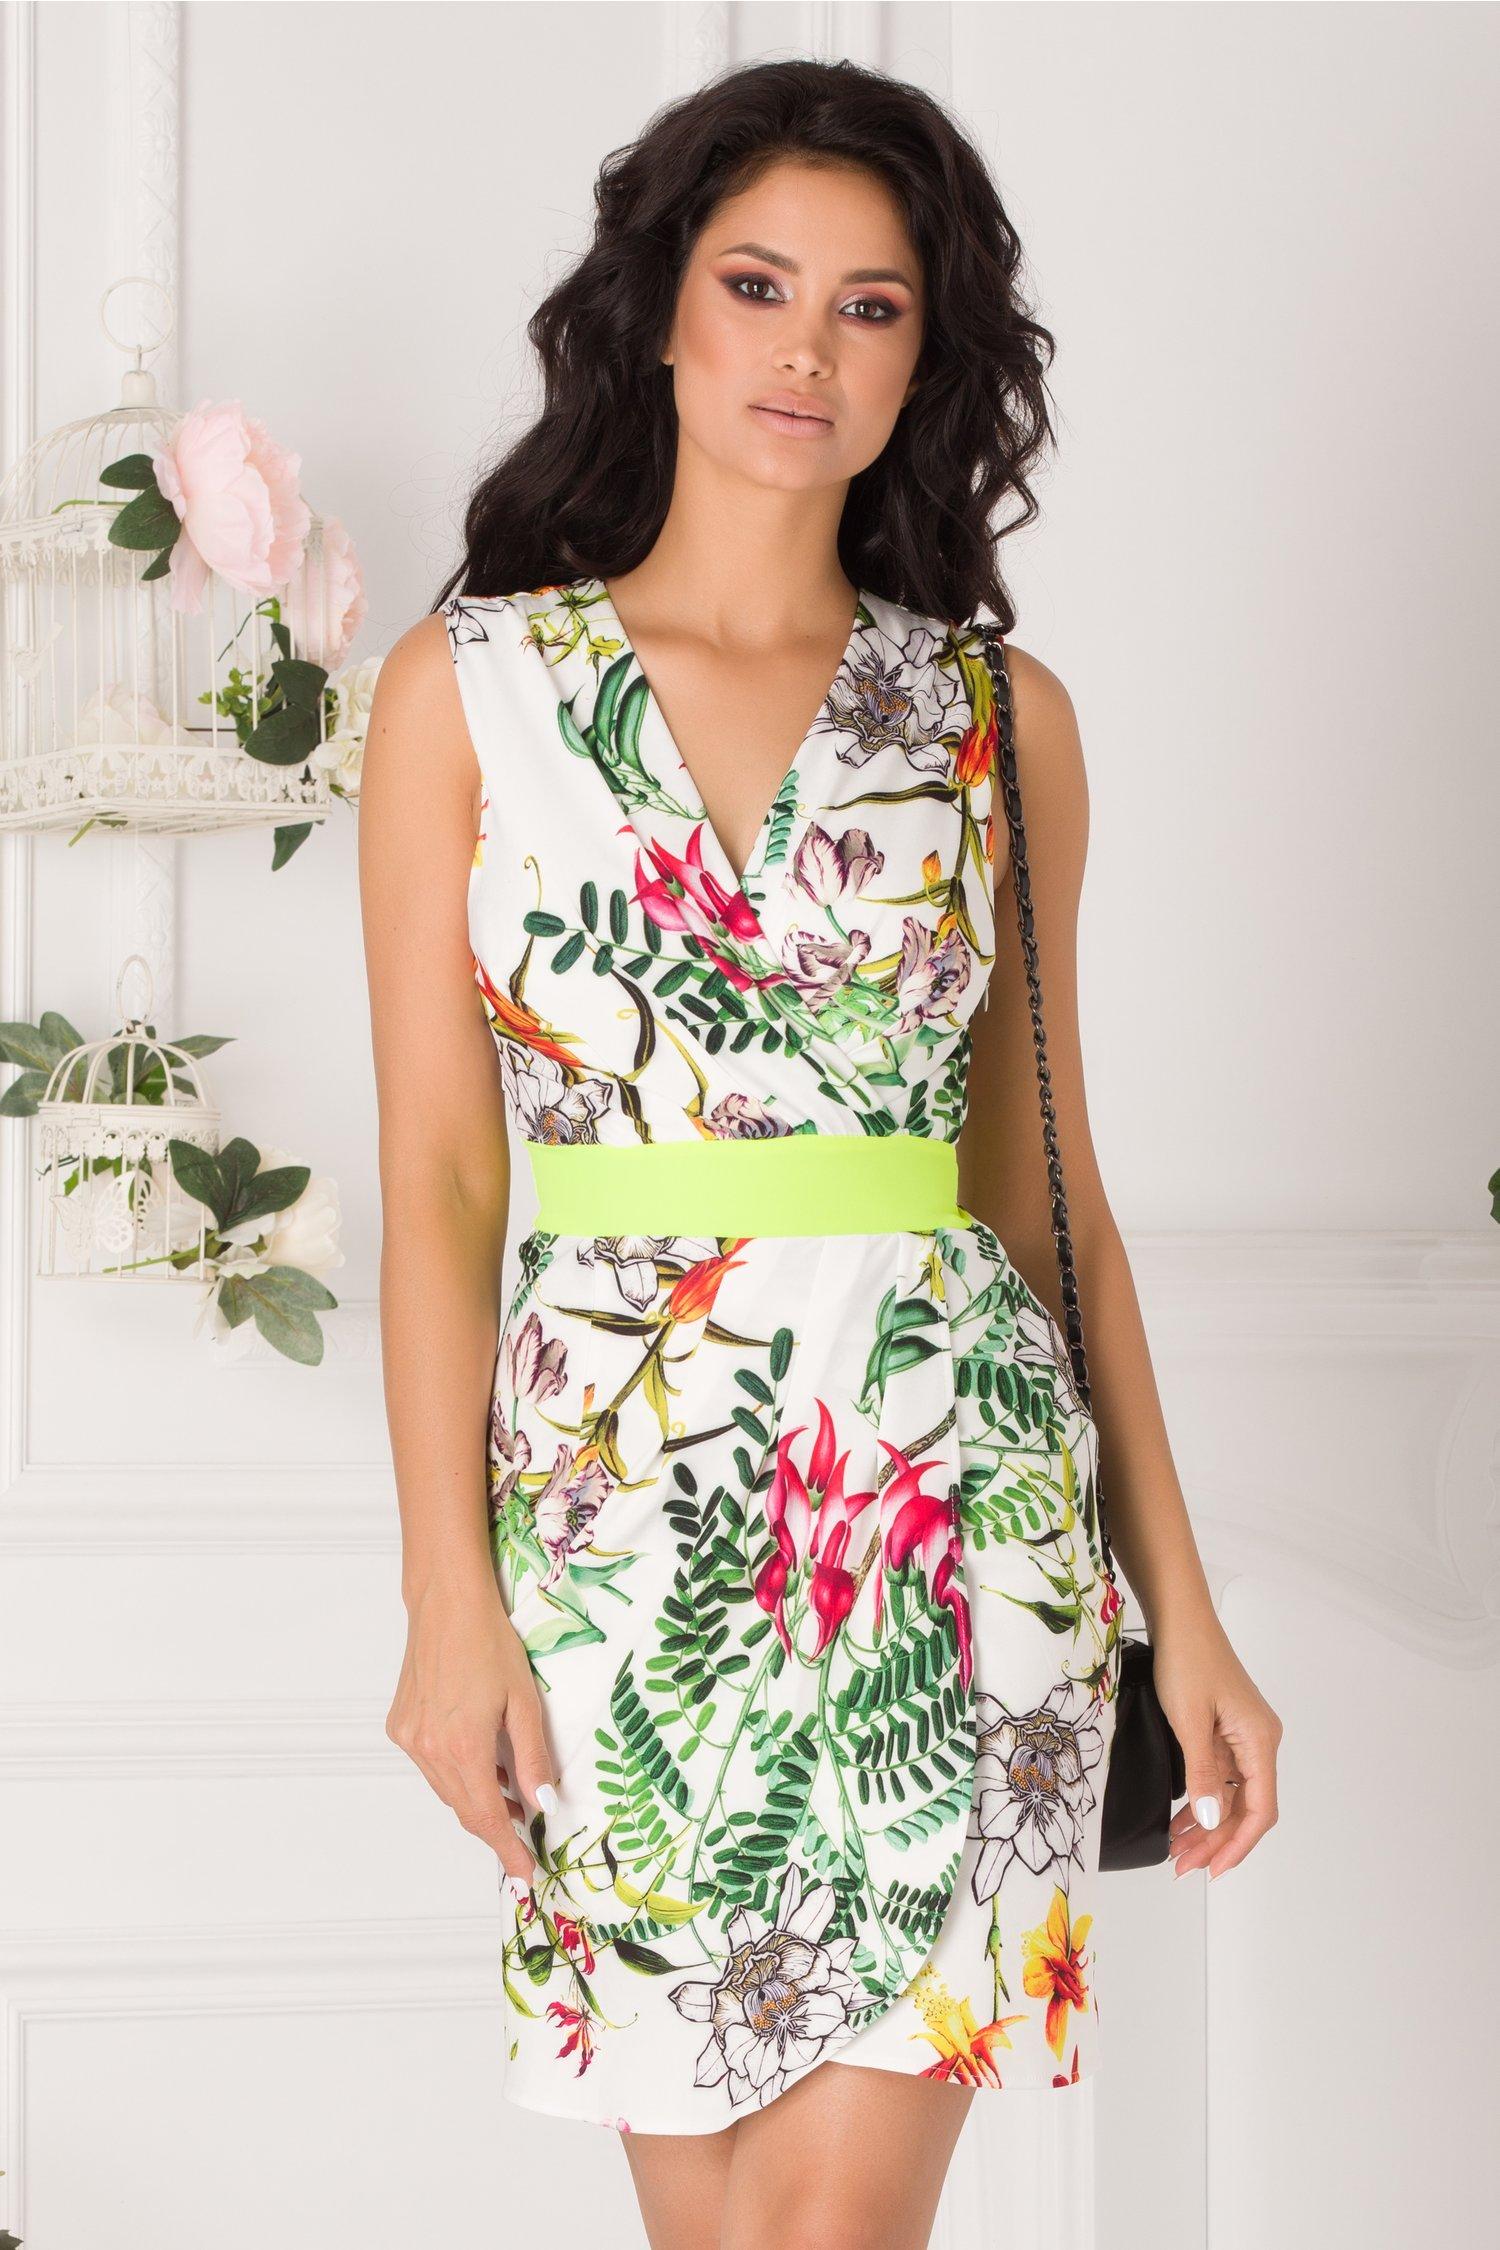 Rochie Sabrina alba cu imprimeuri florale si banda verde neon in talie